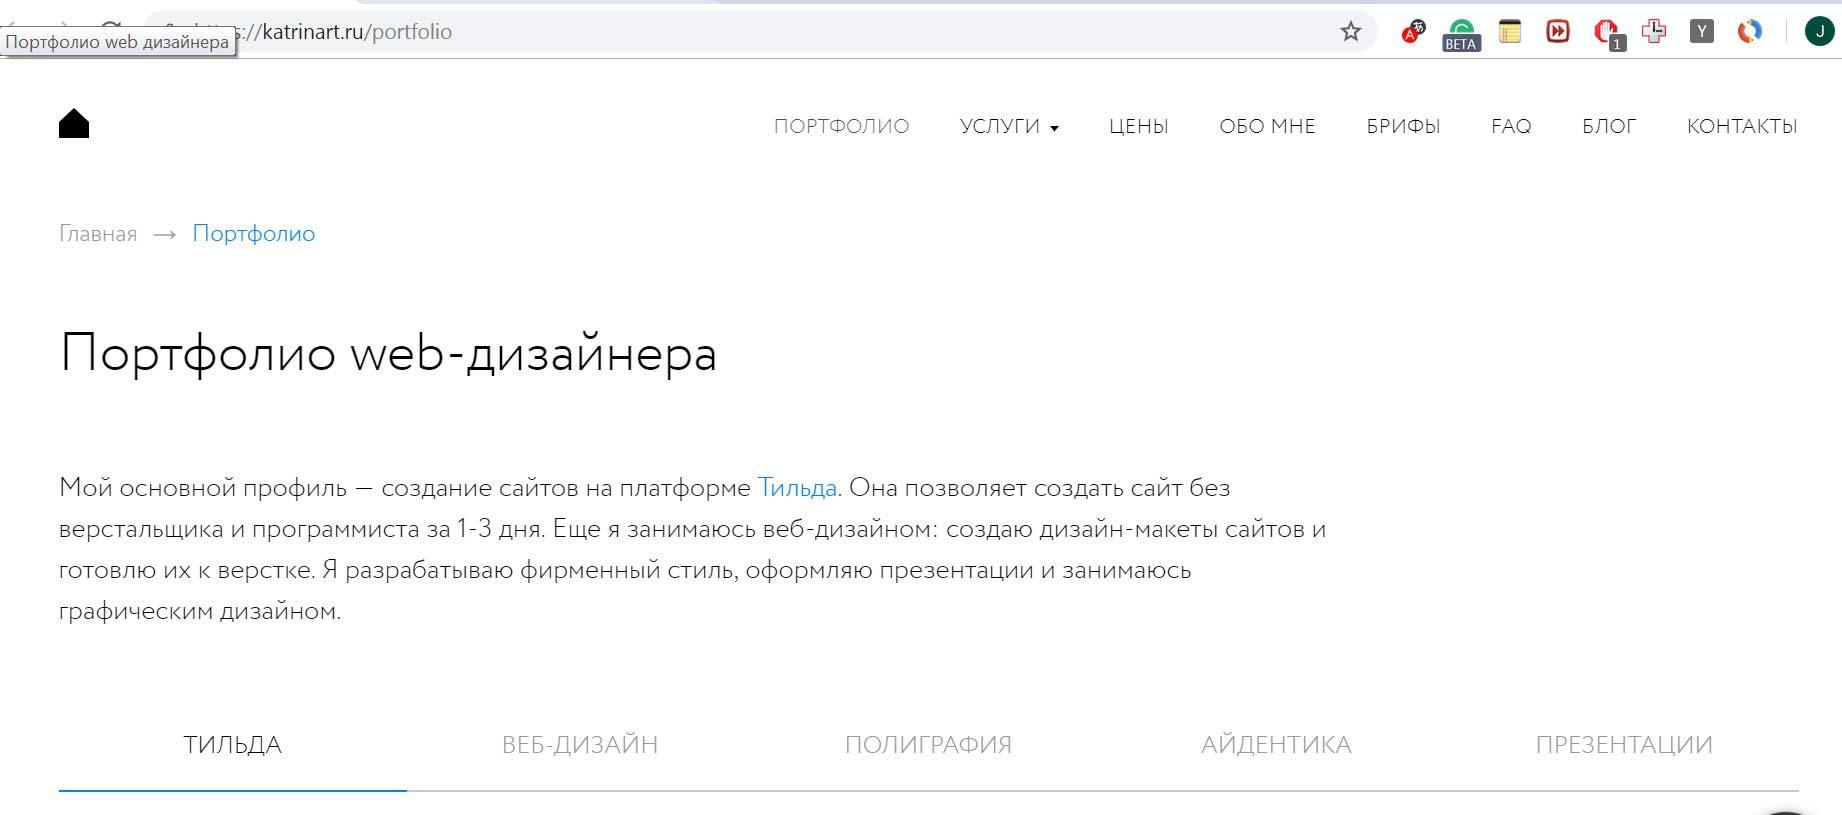 Портфолио веб-дизайнера